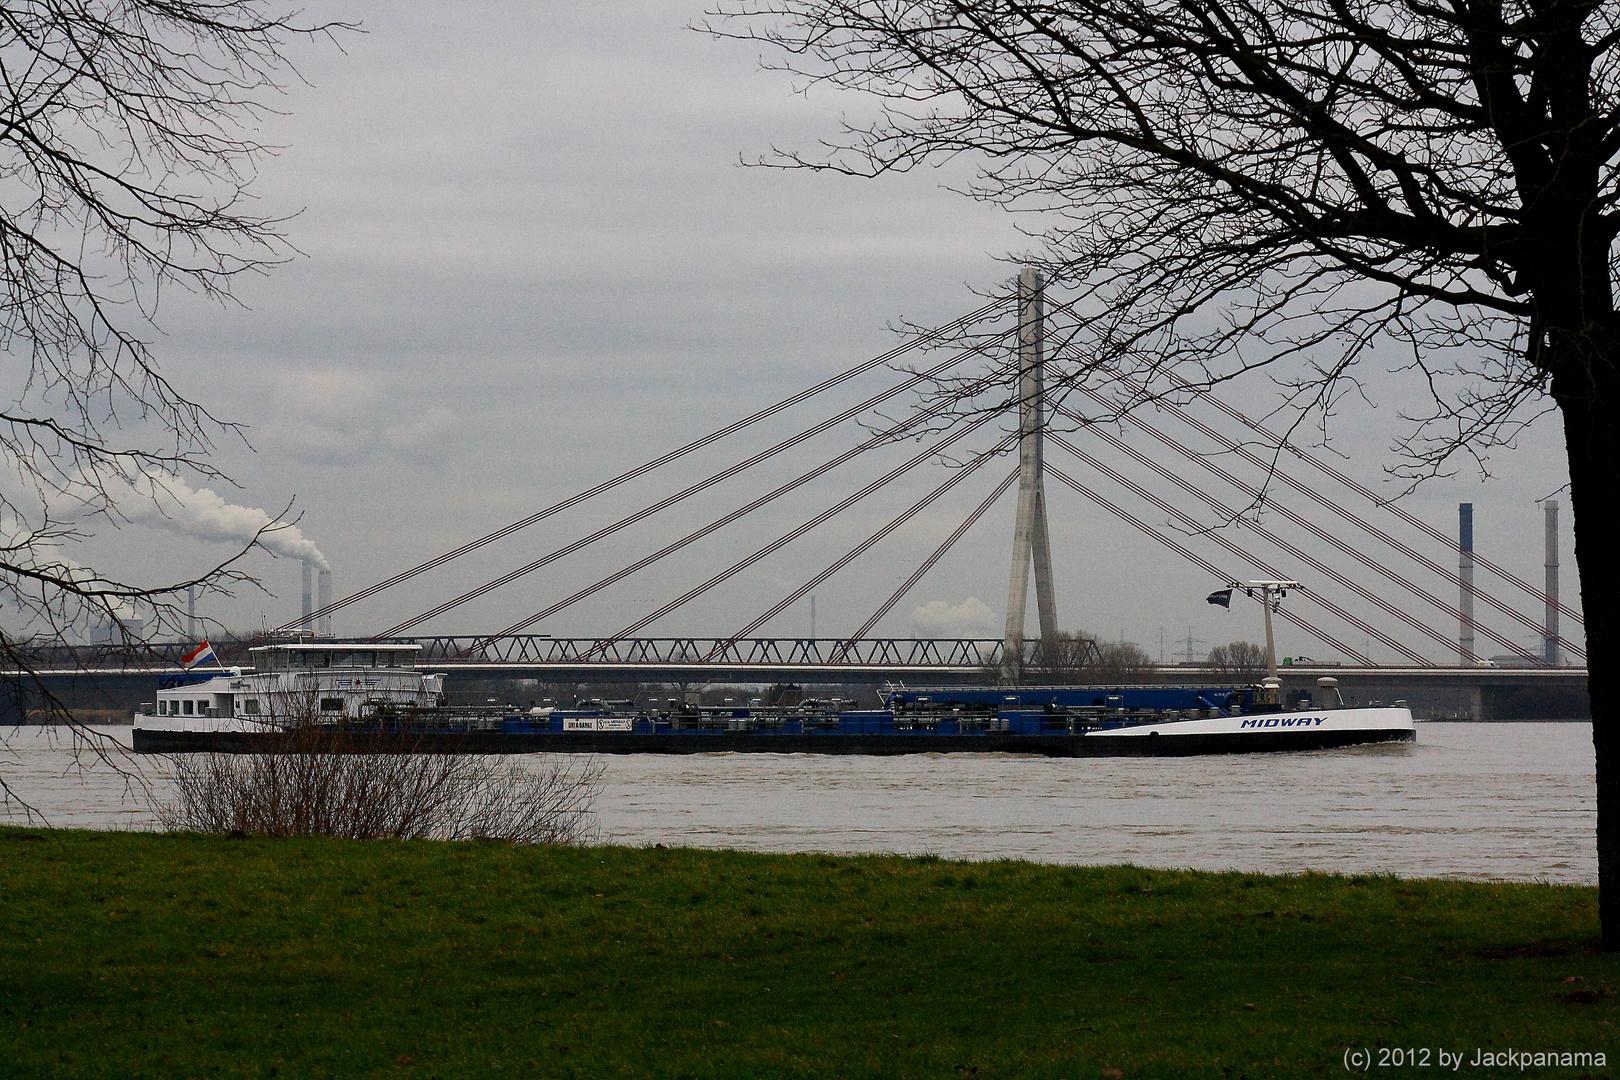 Niederländisches Schiff vor der neuen Niederrheinbrücke in Wesel